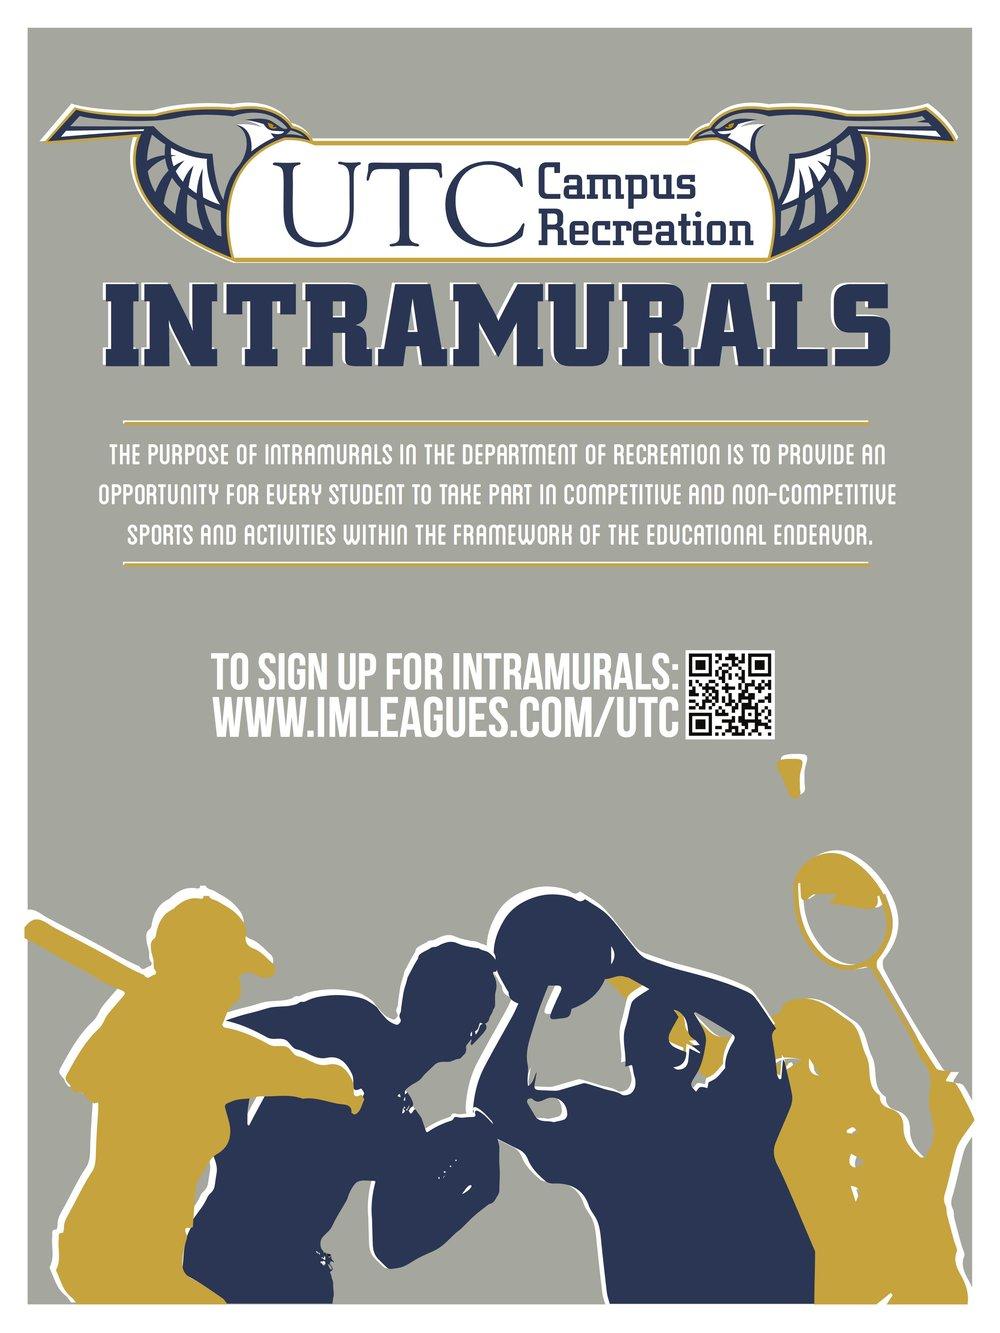 Intramurals_poster.jpg